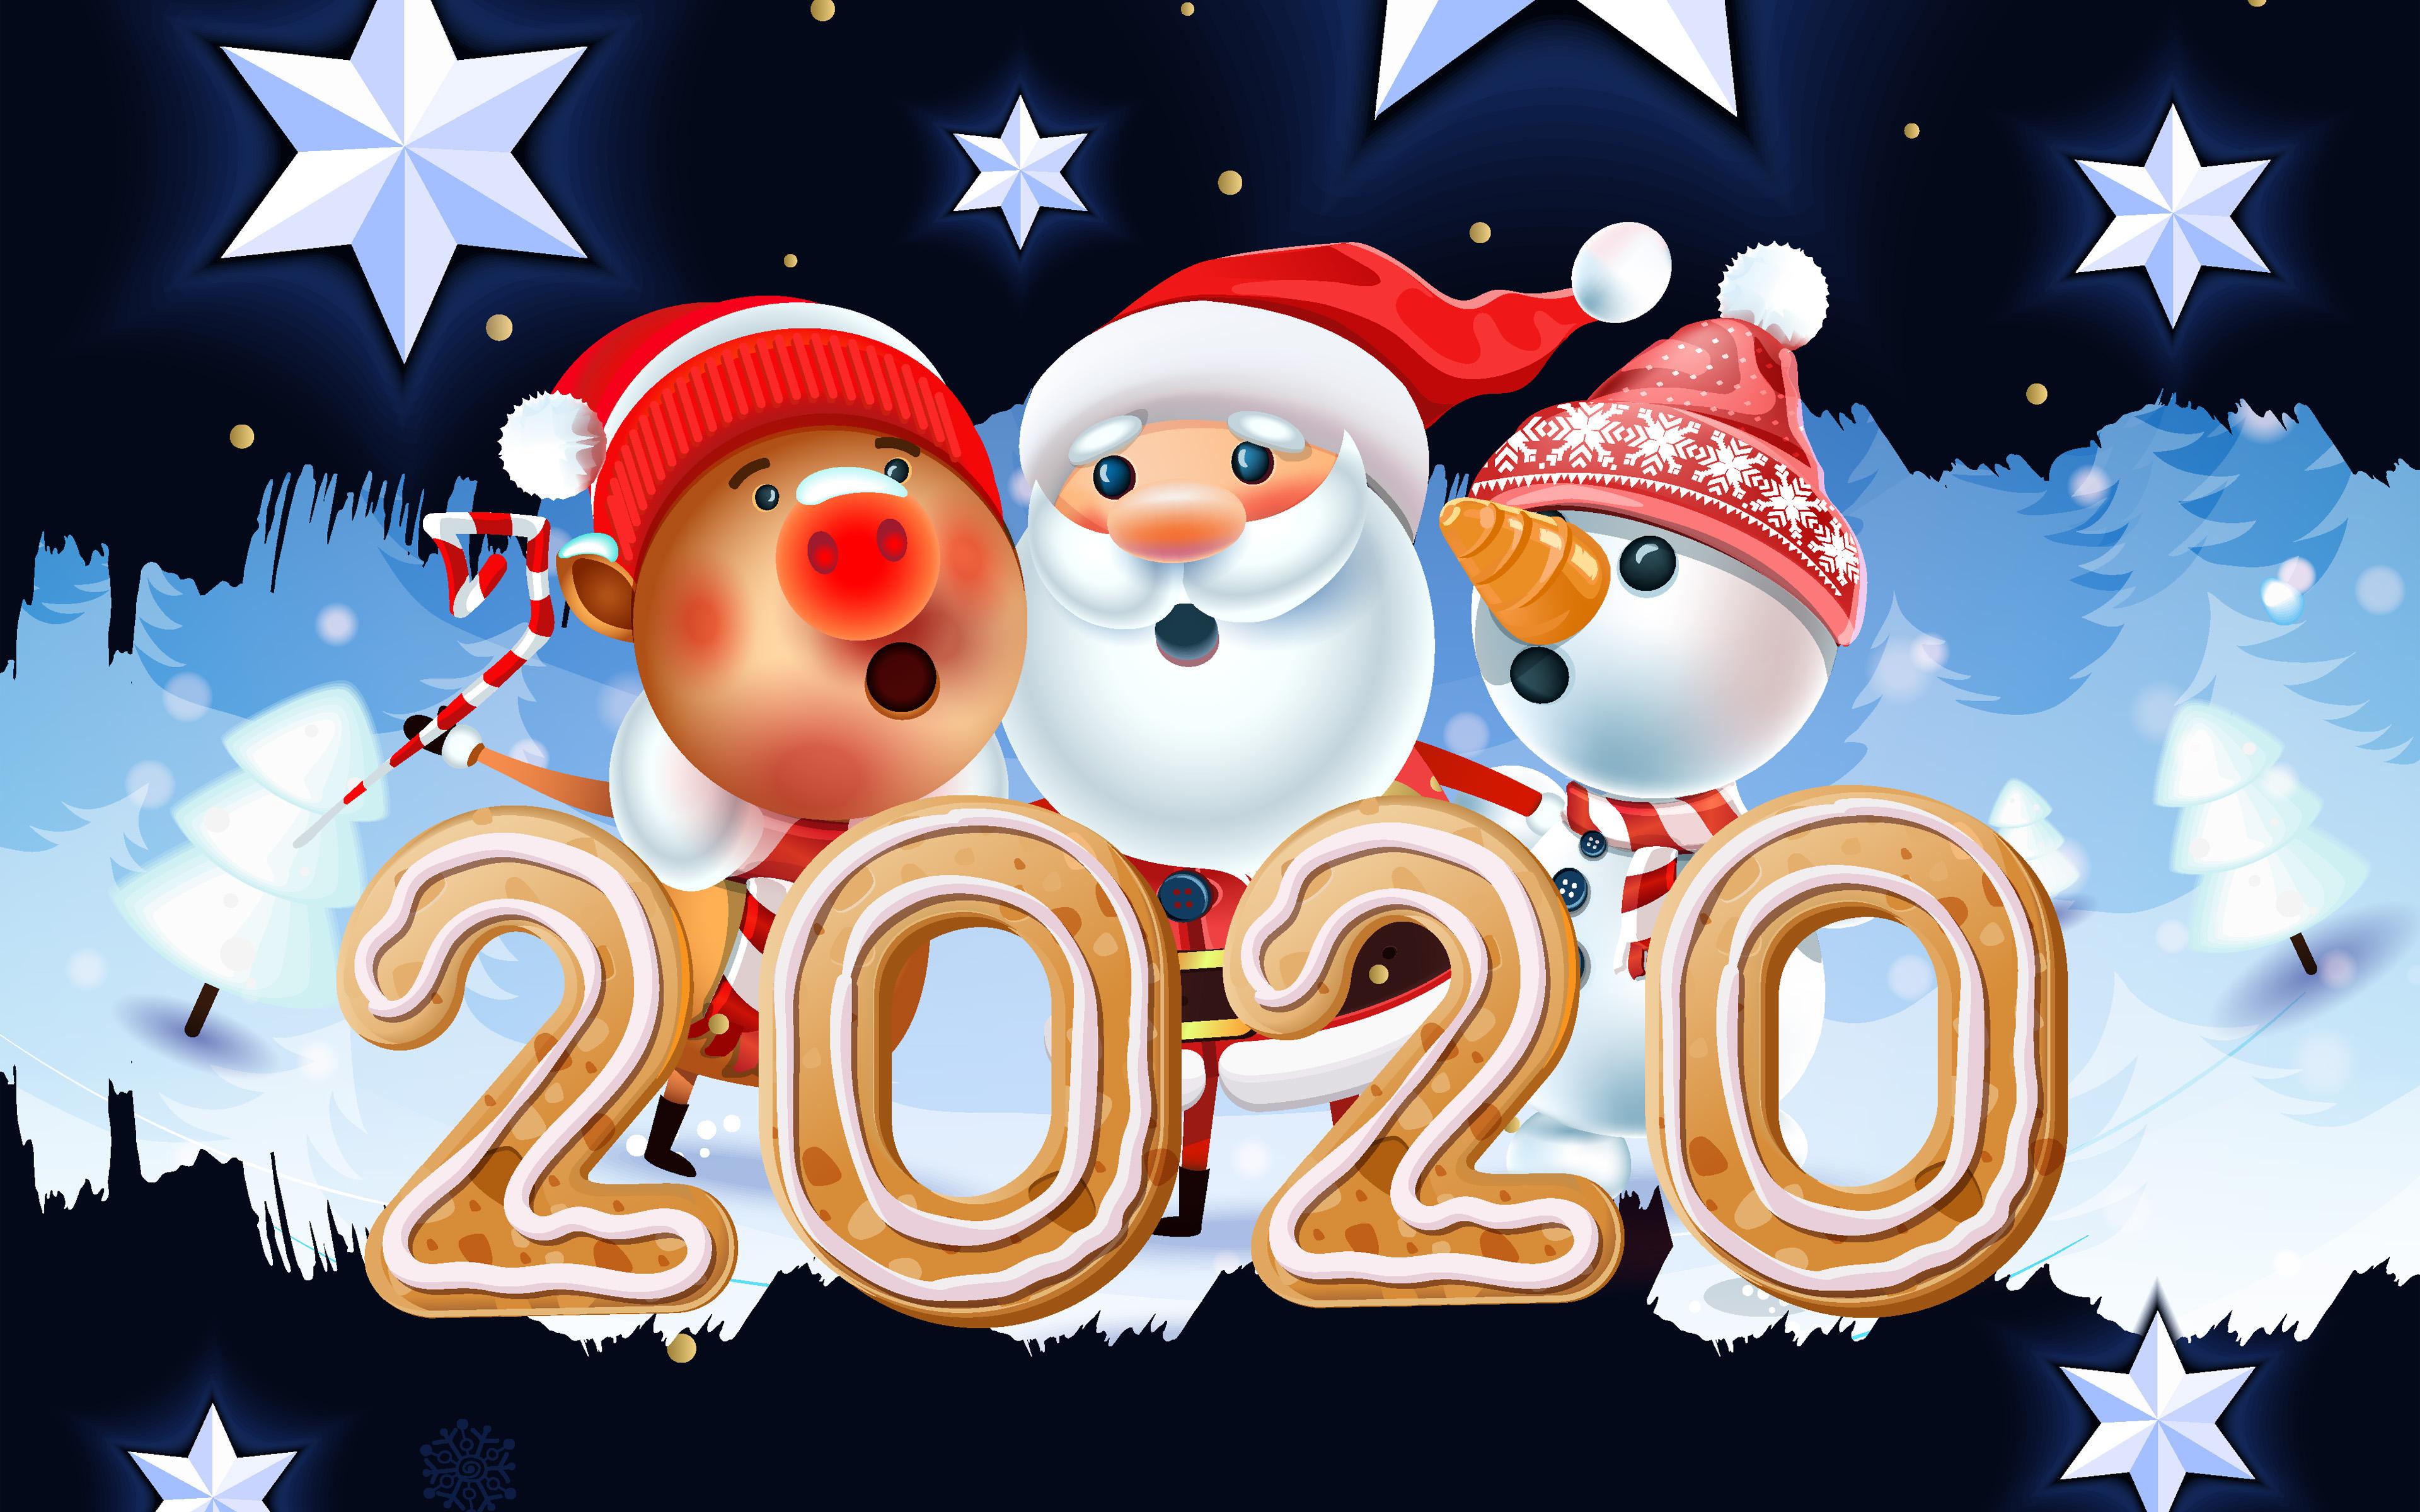 Новогодние Обои На Рабочий Стол 2020 Торрент